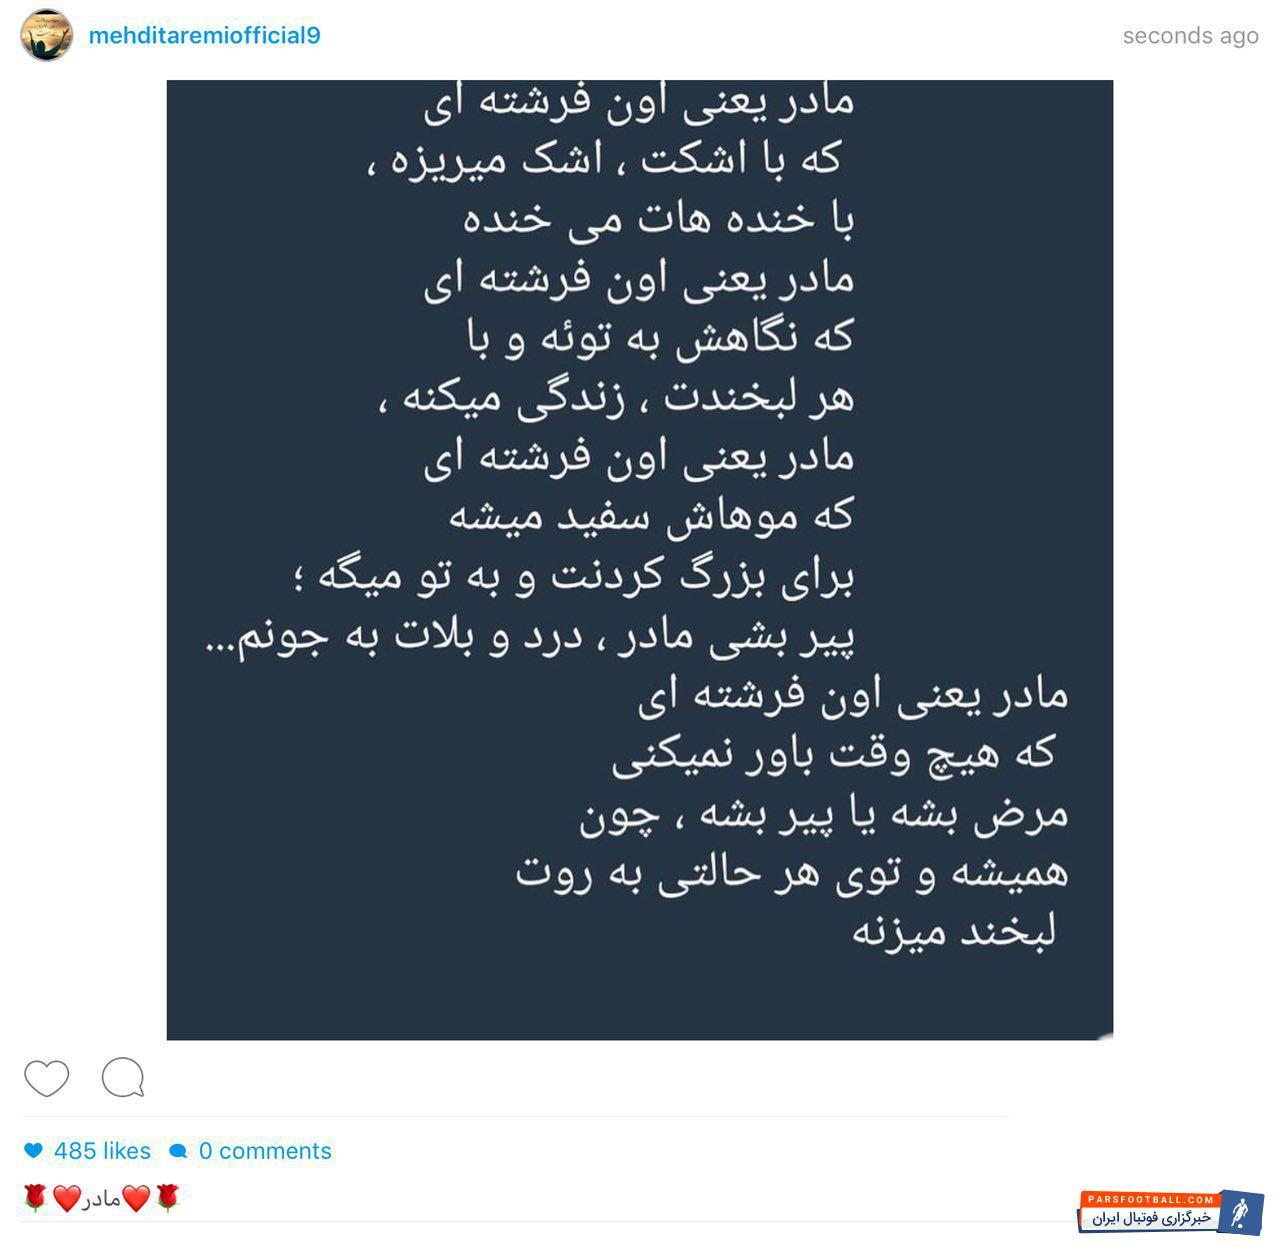 مهدی طارمی به مناسبت روز مادر پستی را در اینستاگرام منتشر کرد.